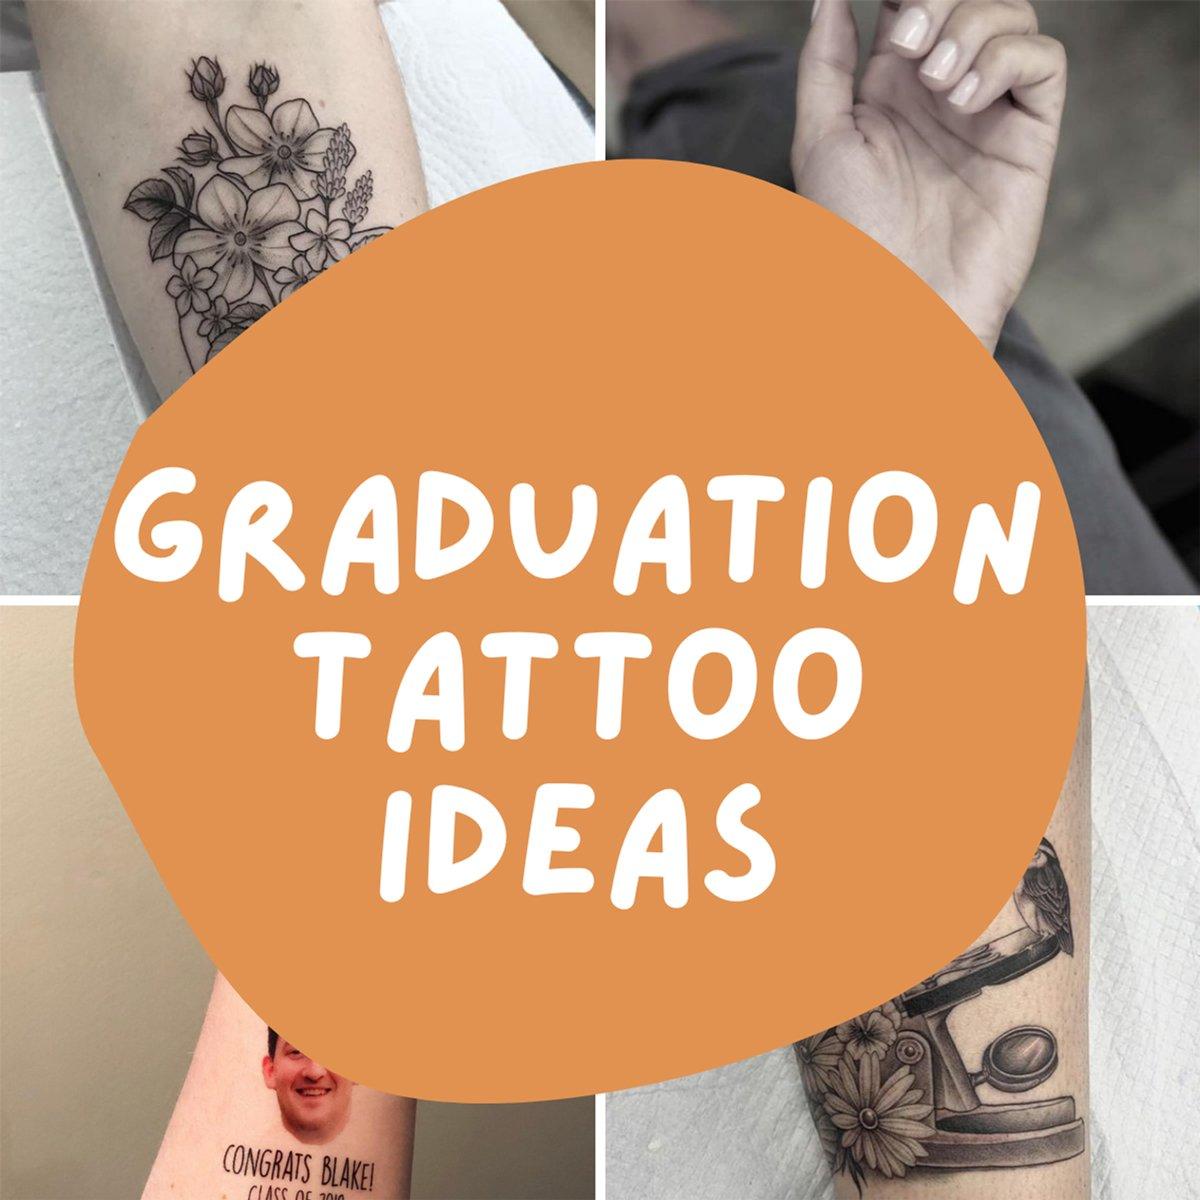 Graduation Tattoo Ideas